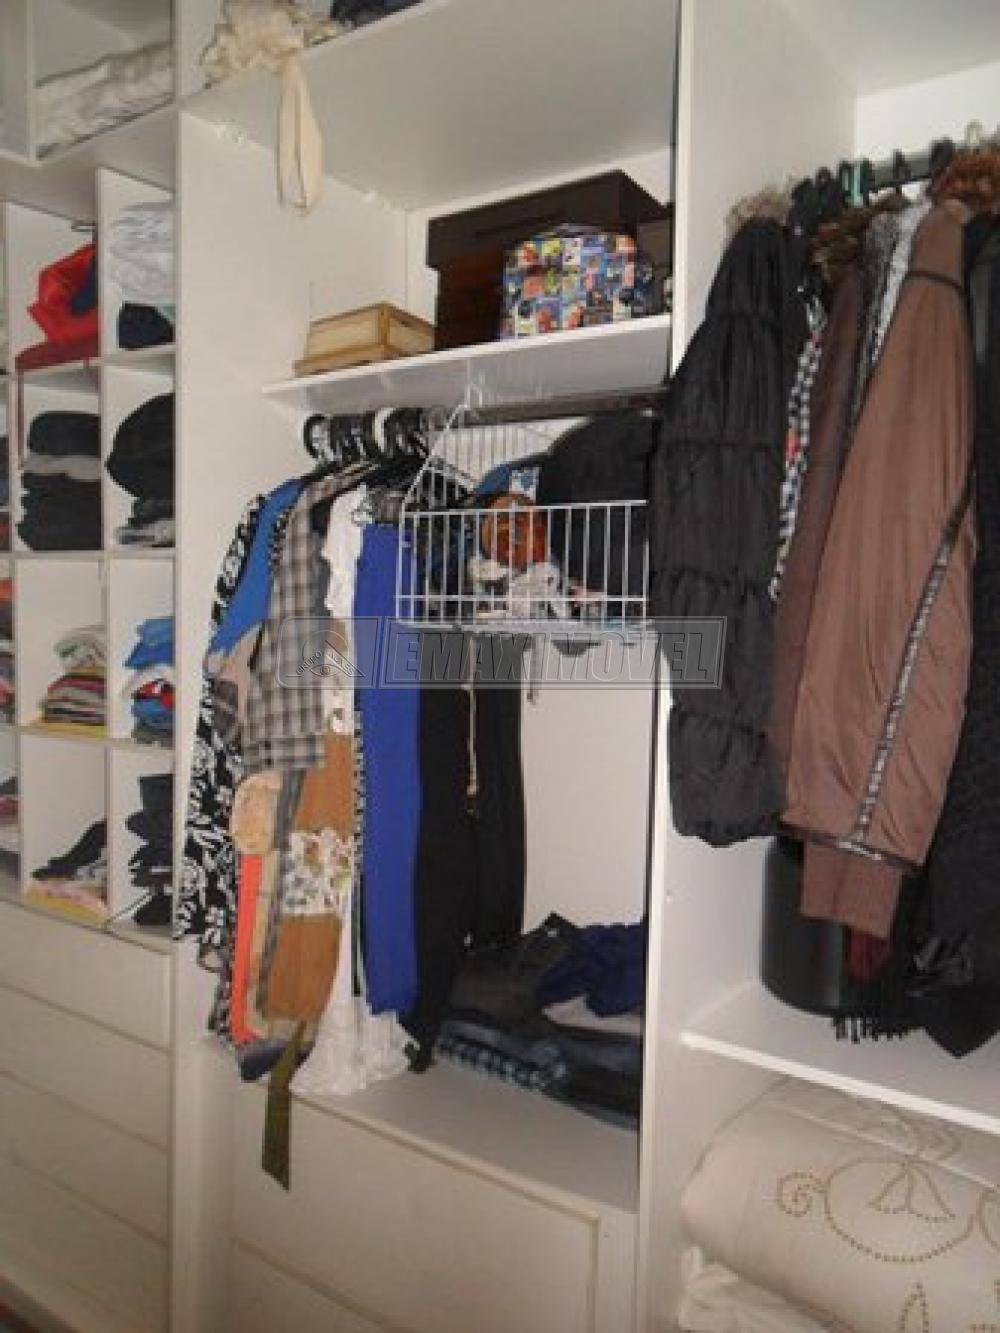 Comprar Casas / em Bairros em Sorocaba apenas R$ 260.000,00 - Foto 24